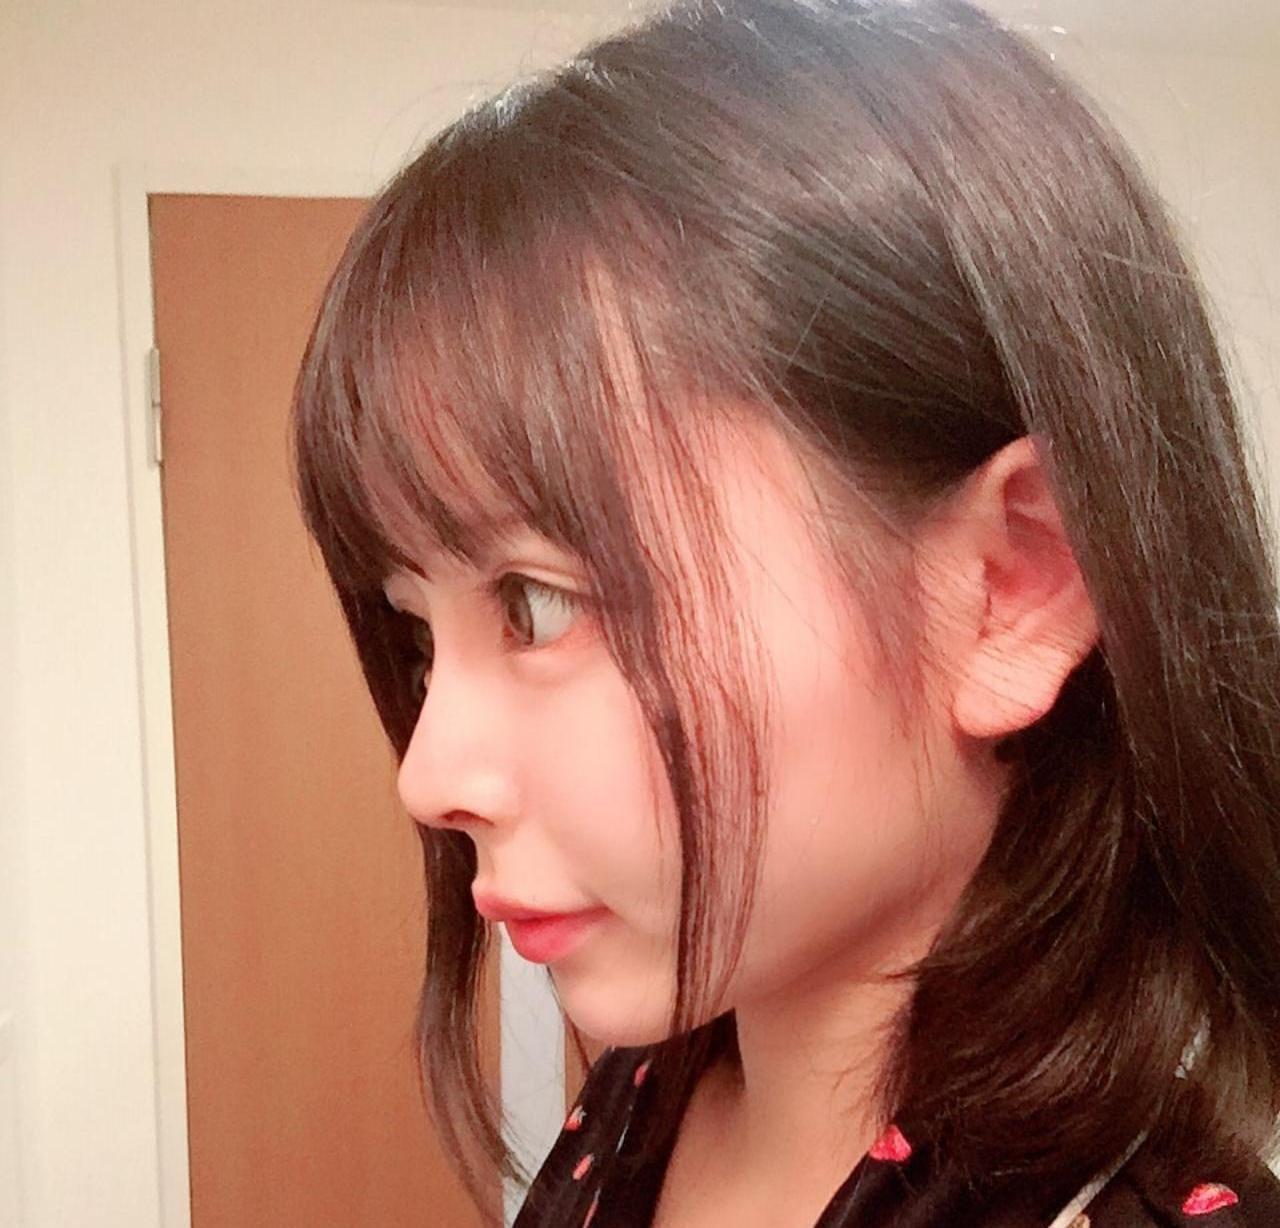 「出勤しました?」08/18(08/18) 12:02   朝倉ゆうの写メ・風俗動画